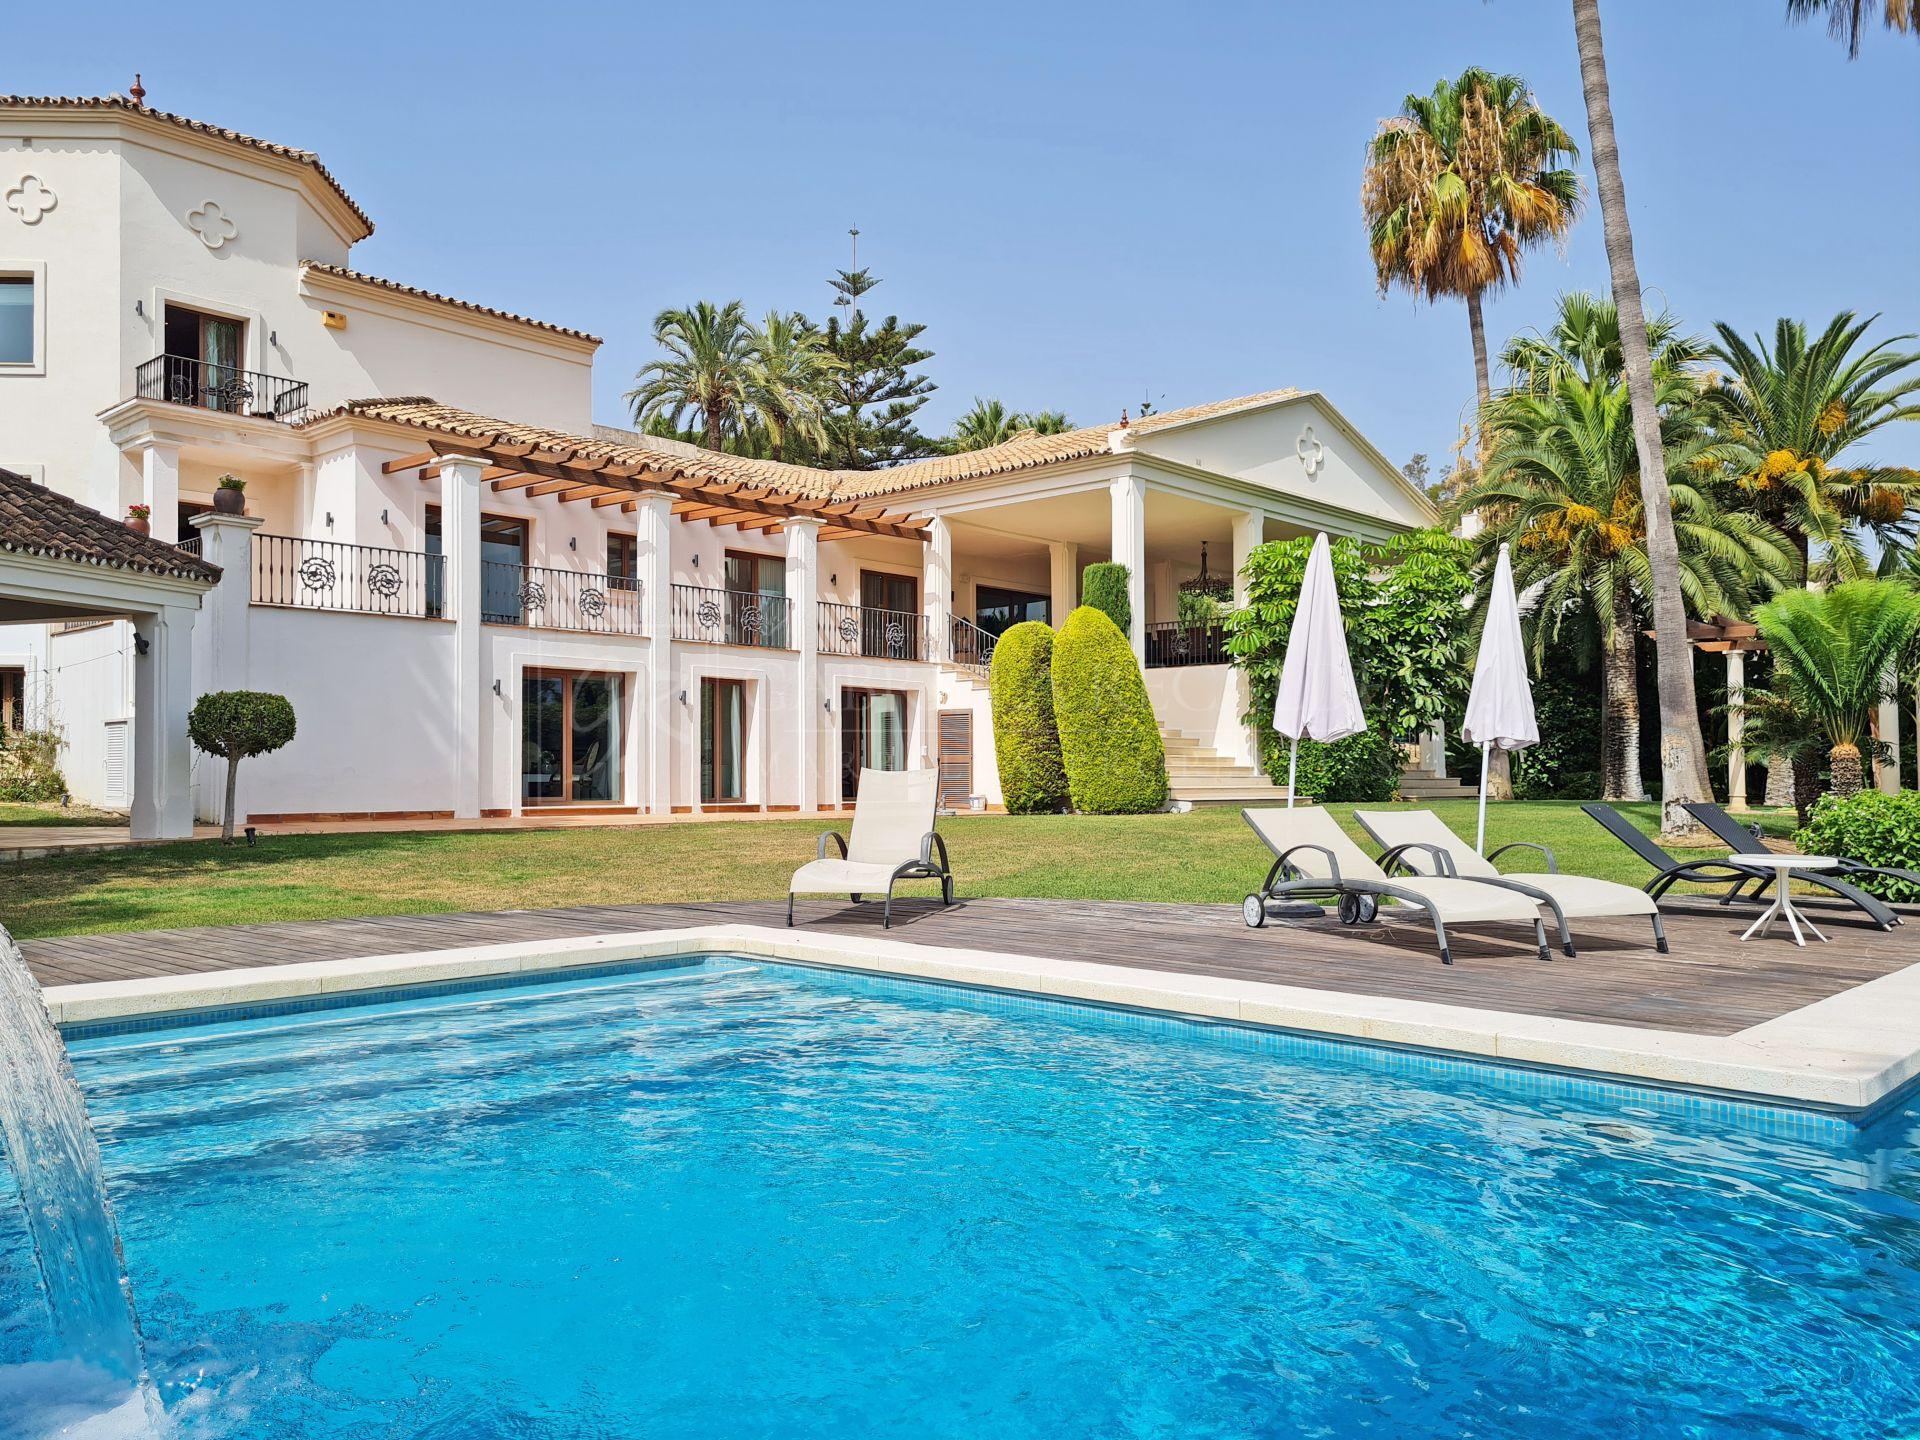 Preciosa Villa de Seis Dormitorios en Venta con Vistas Destacadas a la Montaña La Concha